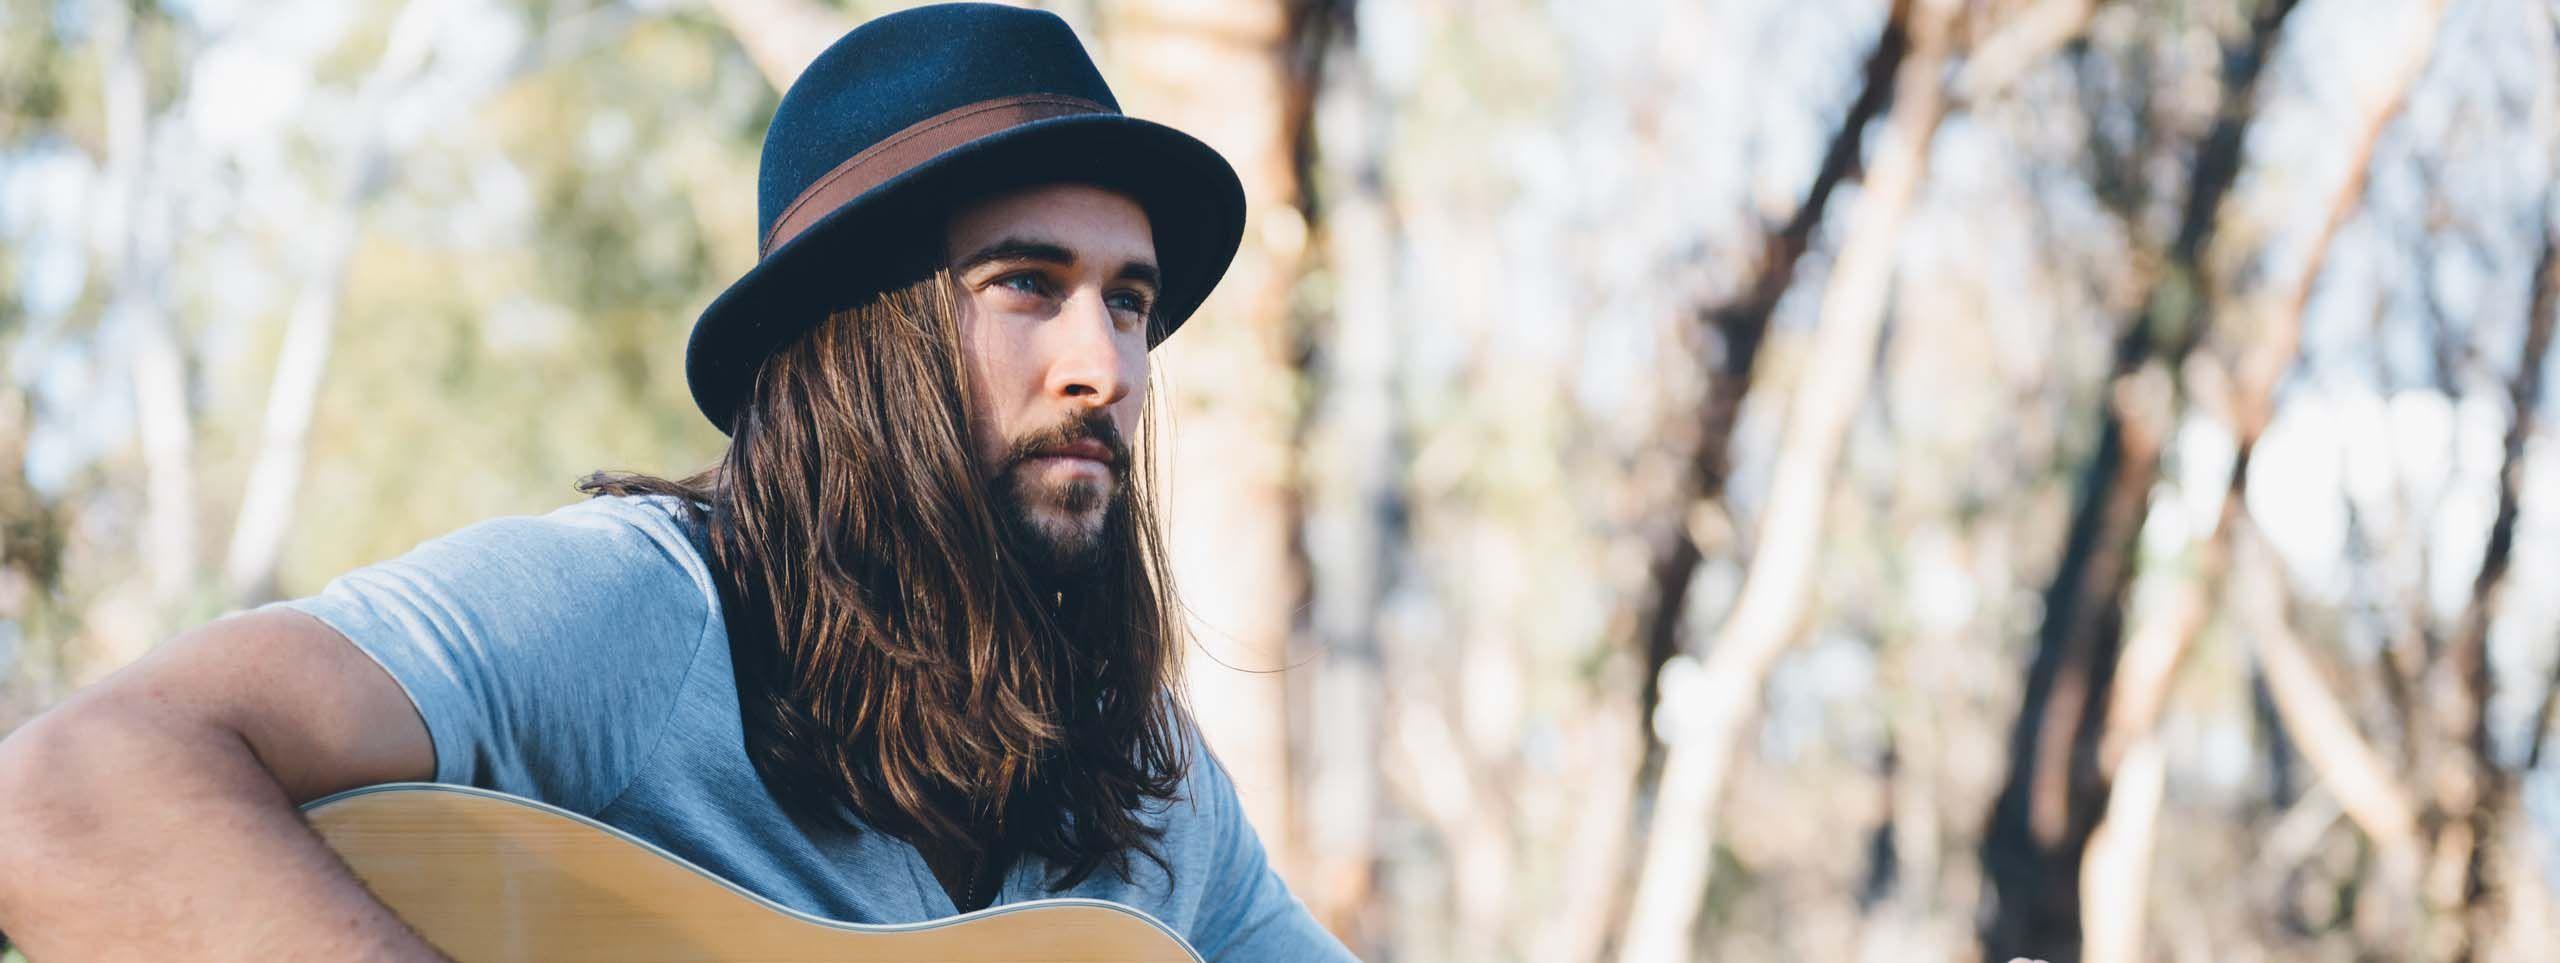 Moški z dolgimi lasmi in klobukom, ki igra na kitaro